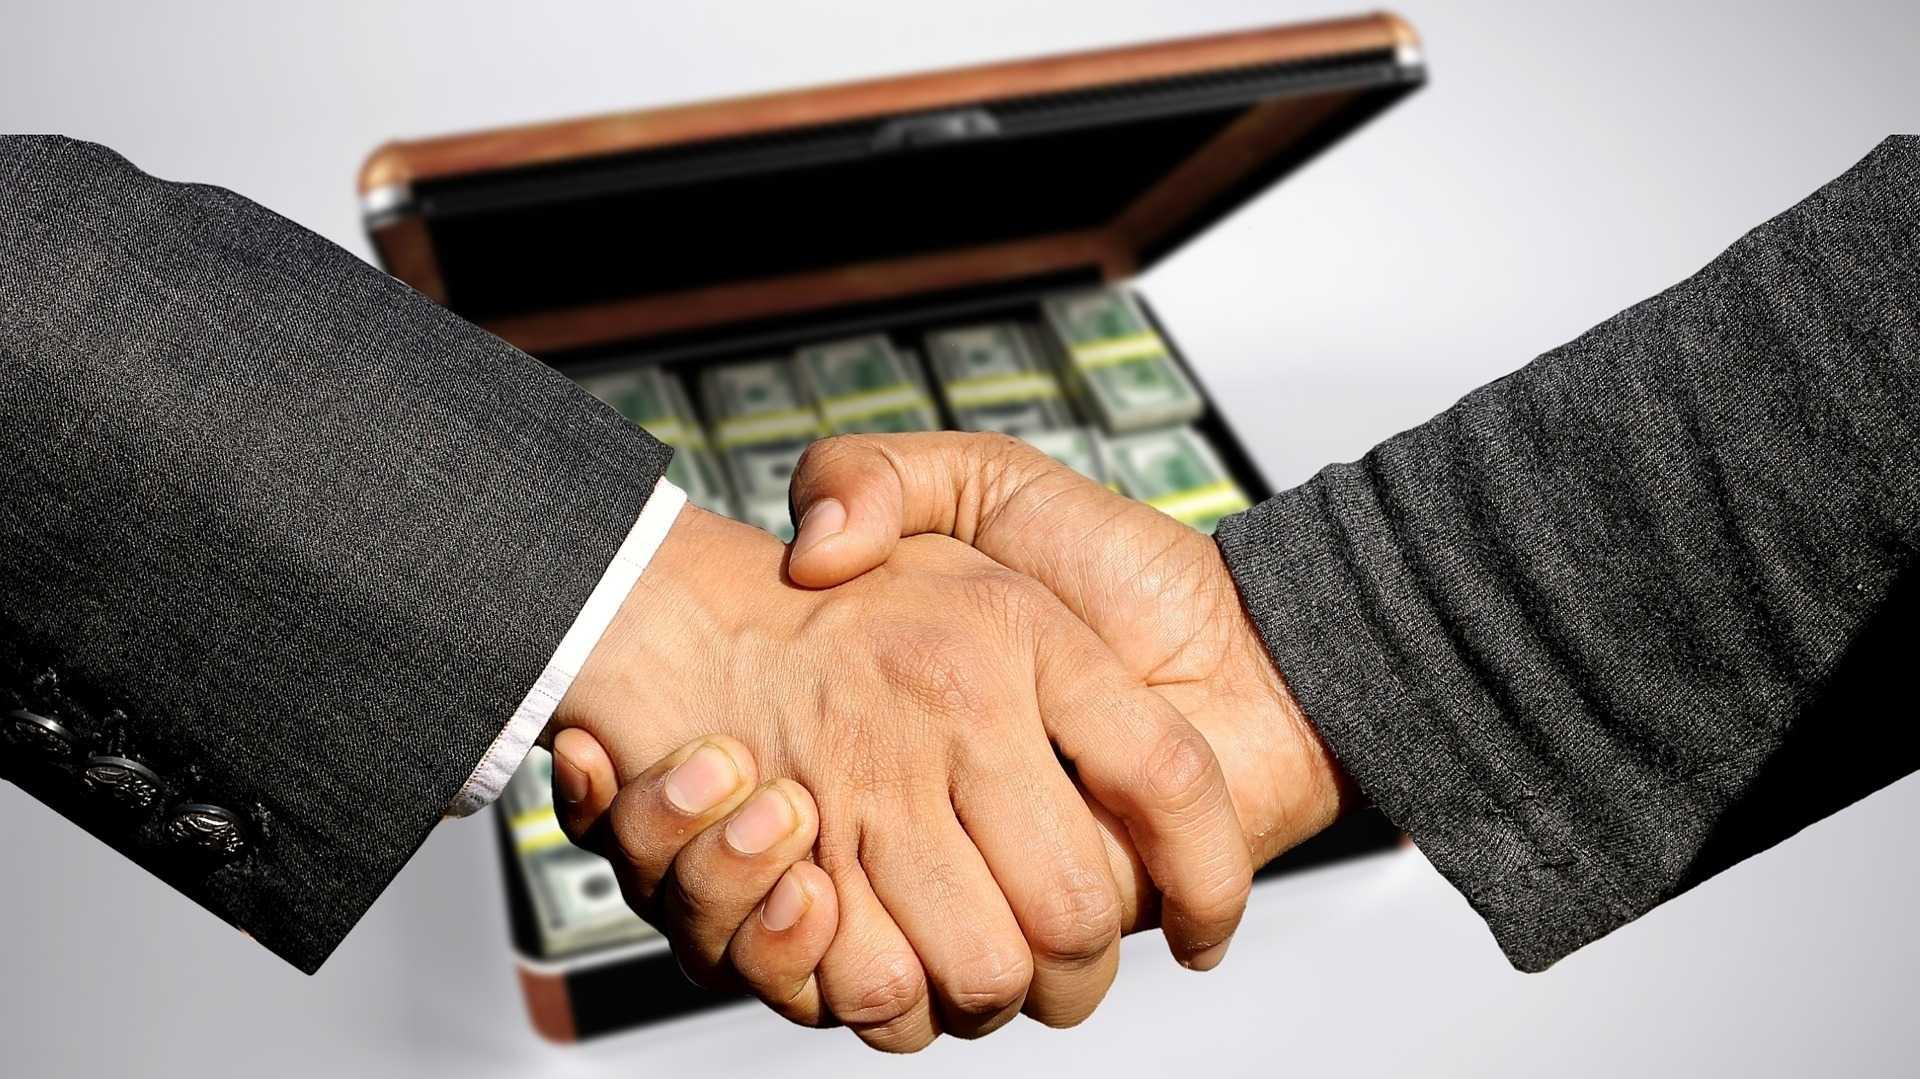 Übernahme: Callidus Software ist SAP 2,4 Milliarden Dollar wert